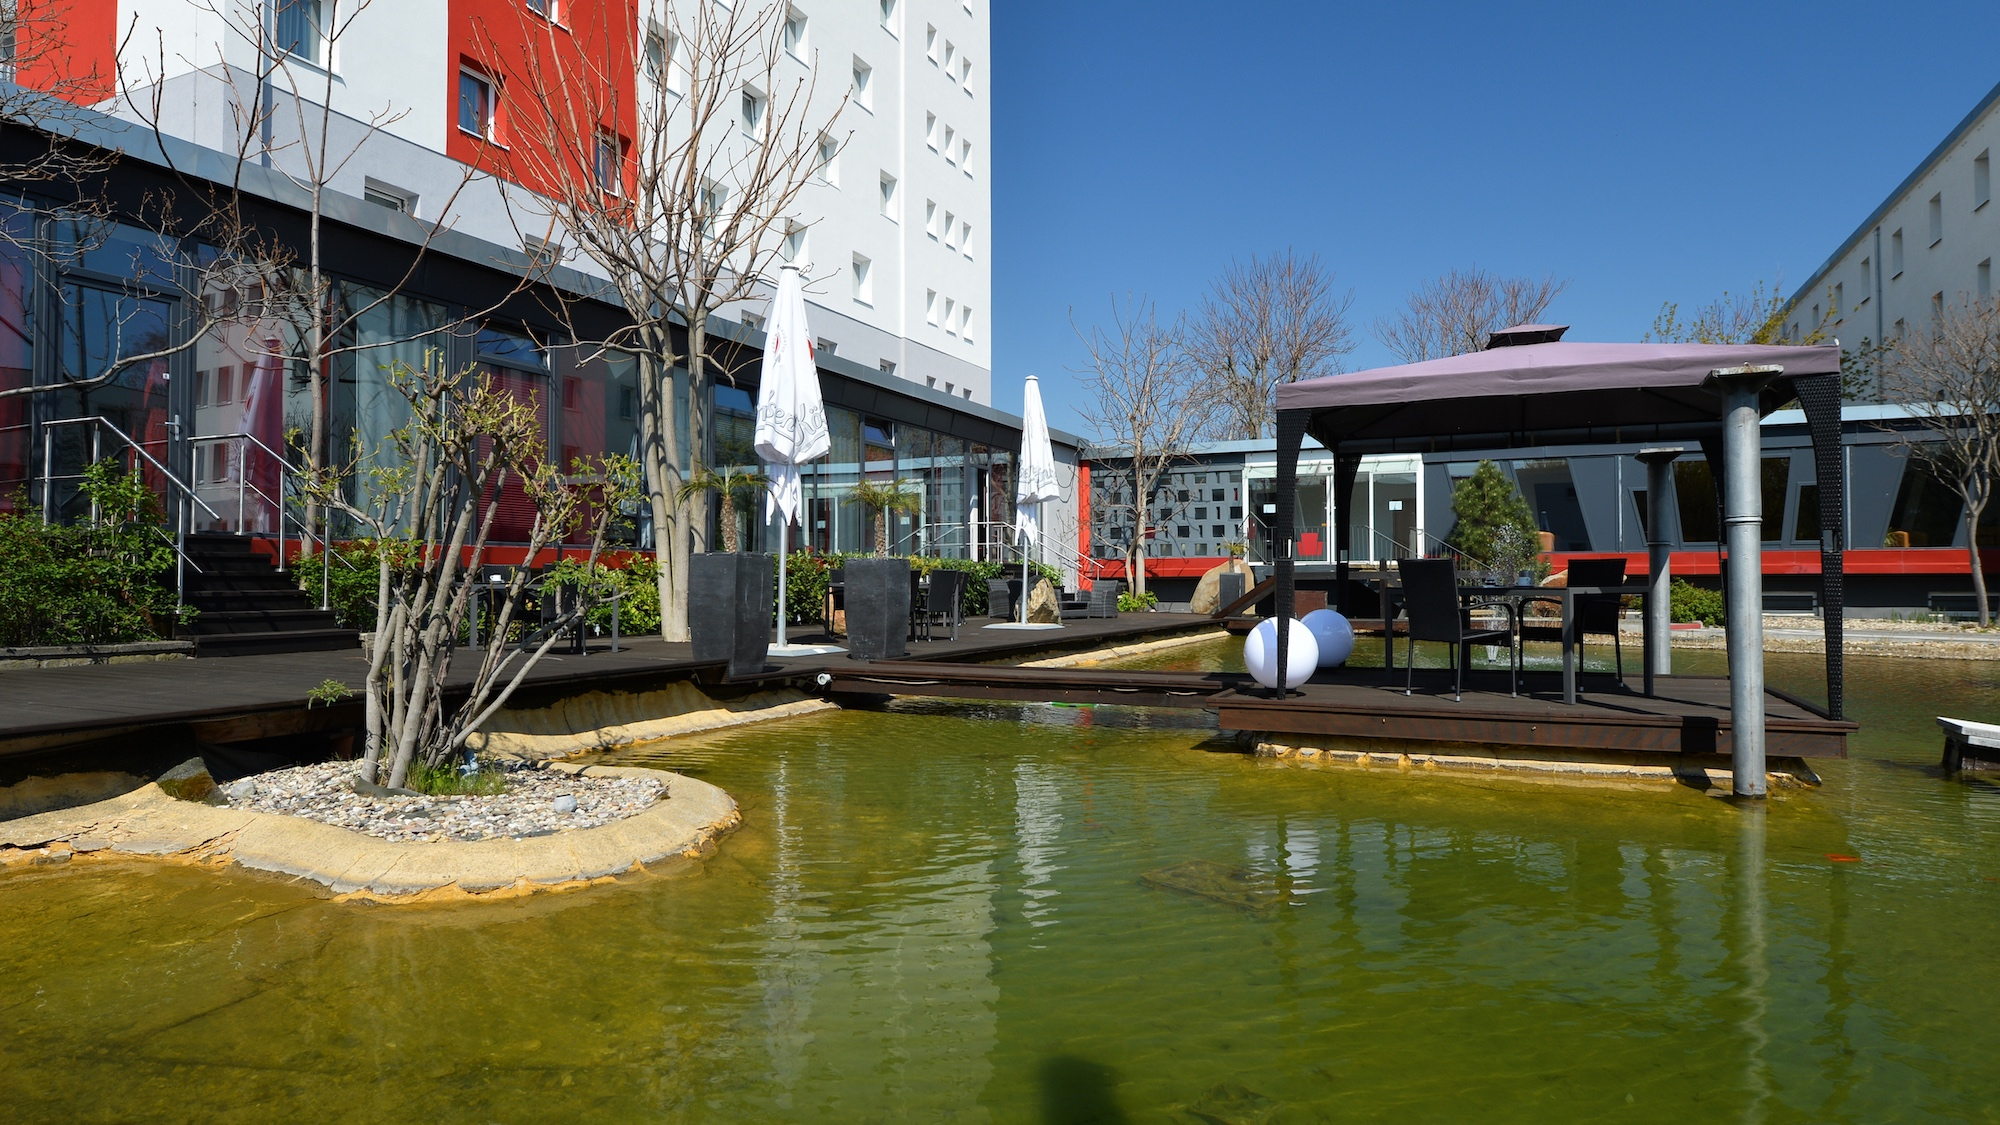 hotel merseburg leuna seeterrasse teich